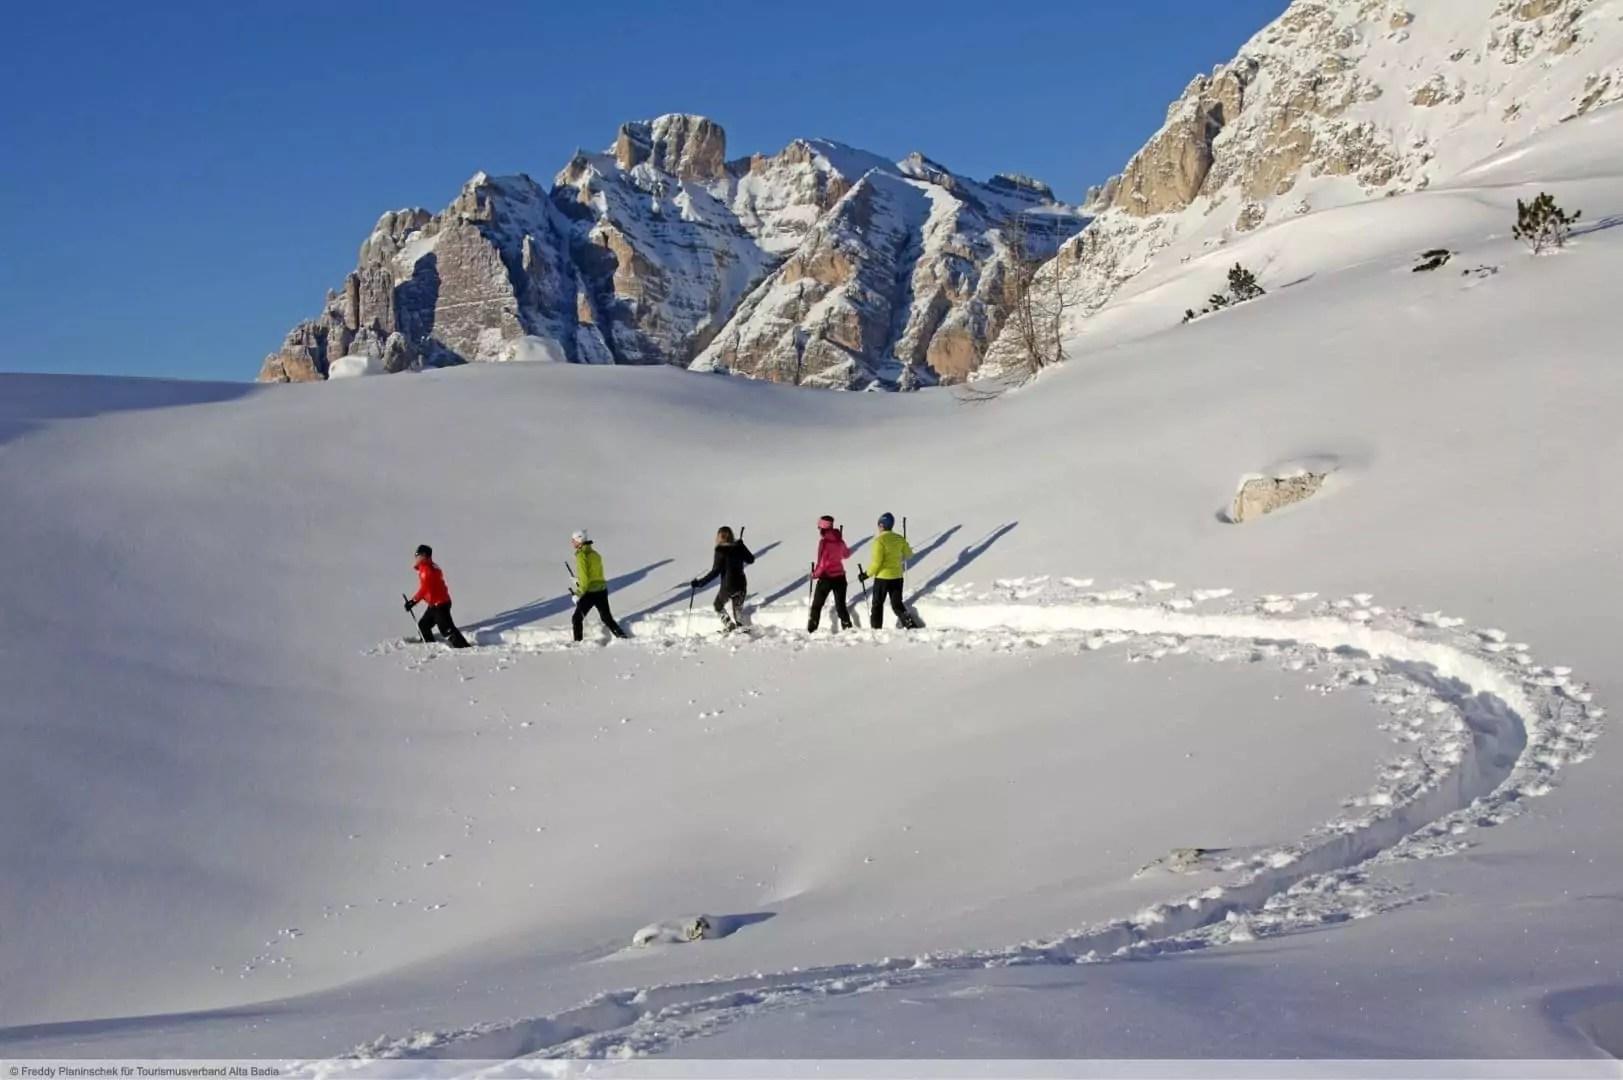 après-ski in Corvara